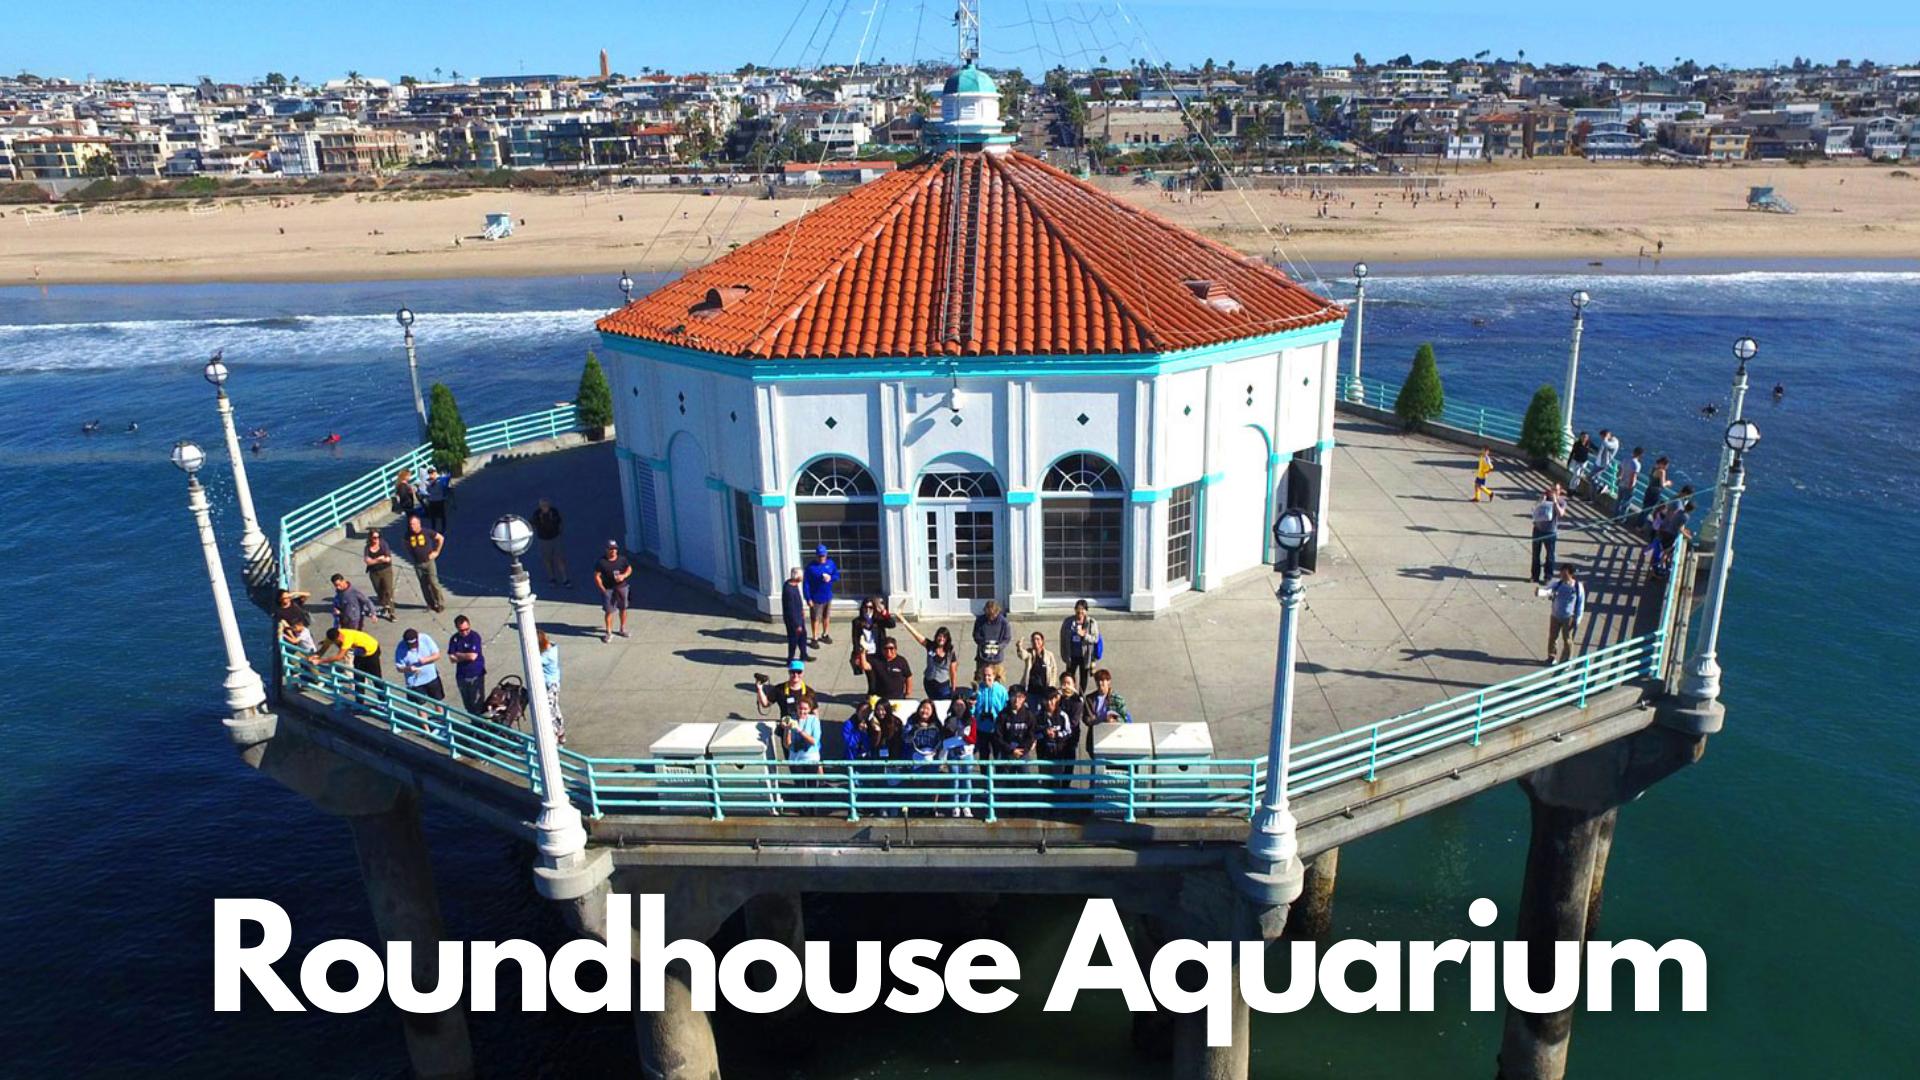 Roundhouse Aquarium, Manhattan Beach, California